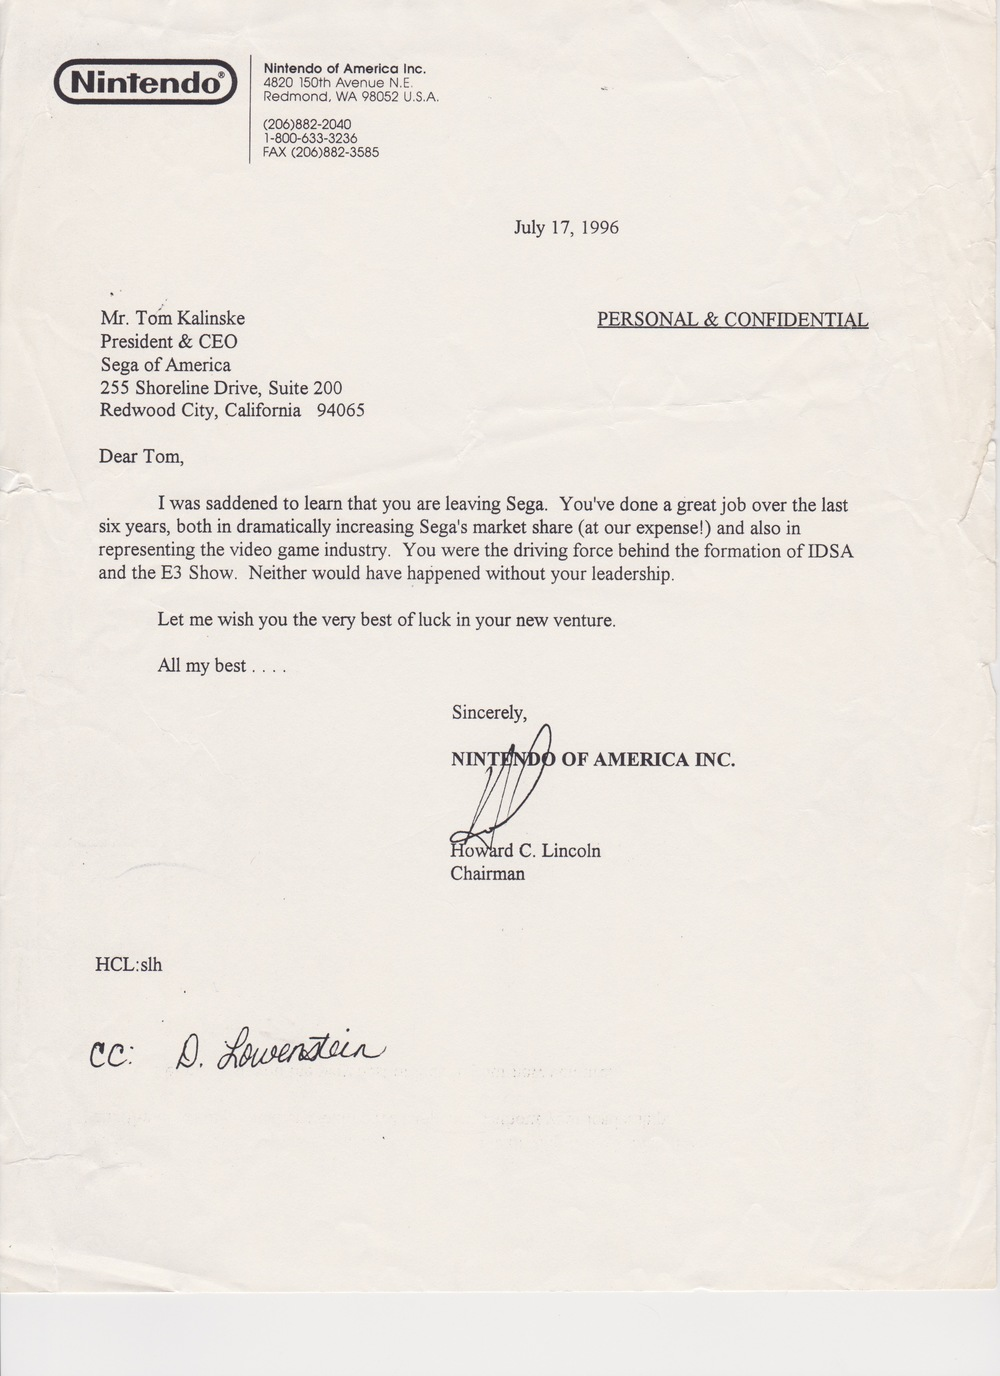 Howard Lincoln Letter.jpeg